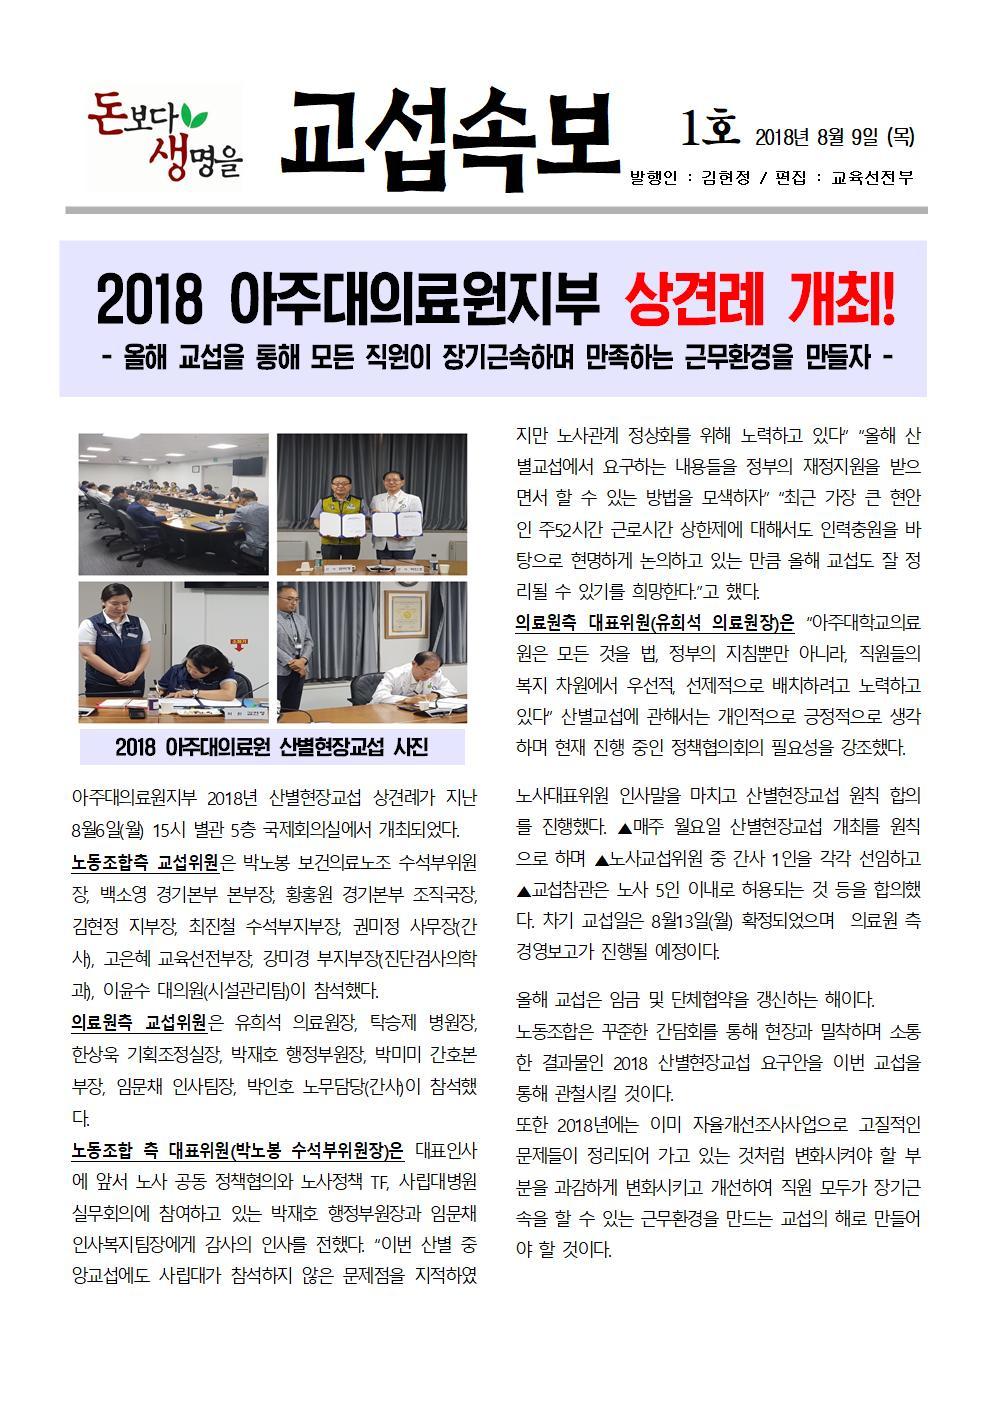 교섭속보 2018-1호(2018년8월9일)001.jpg